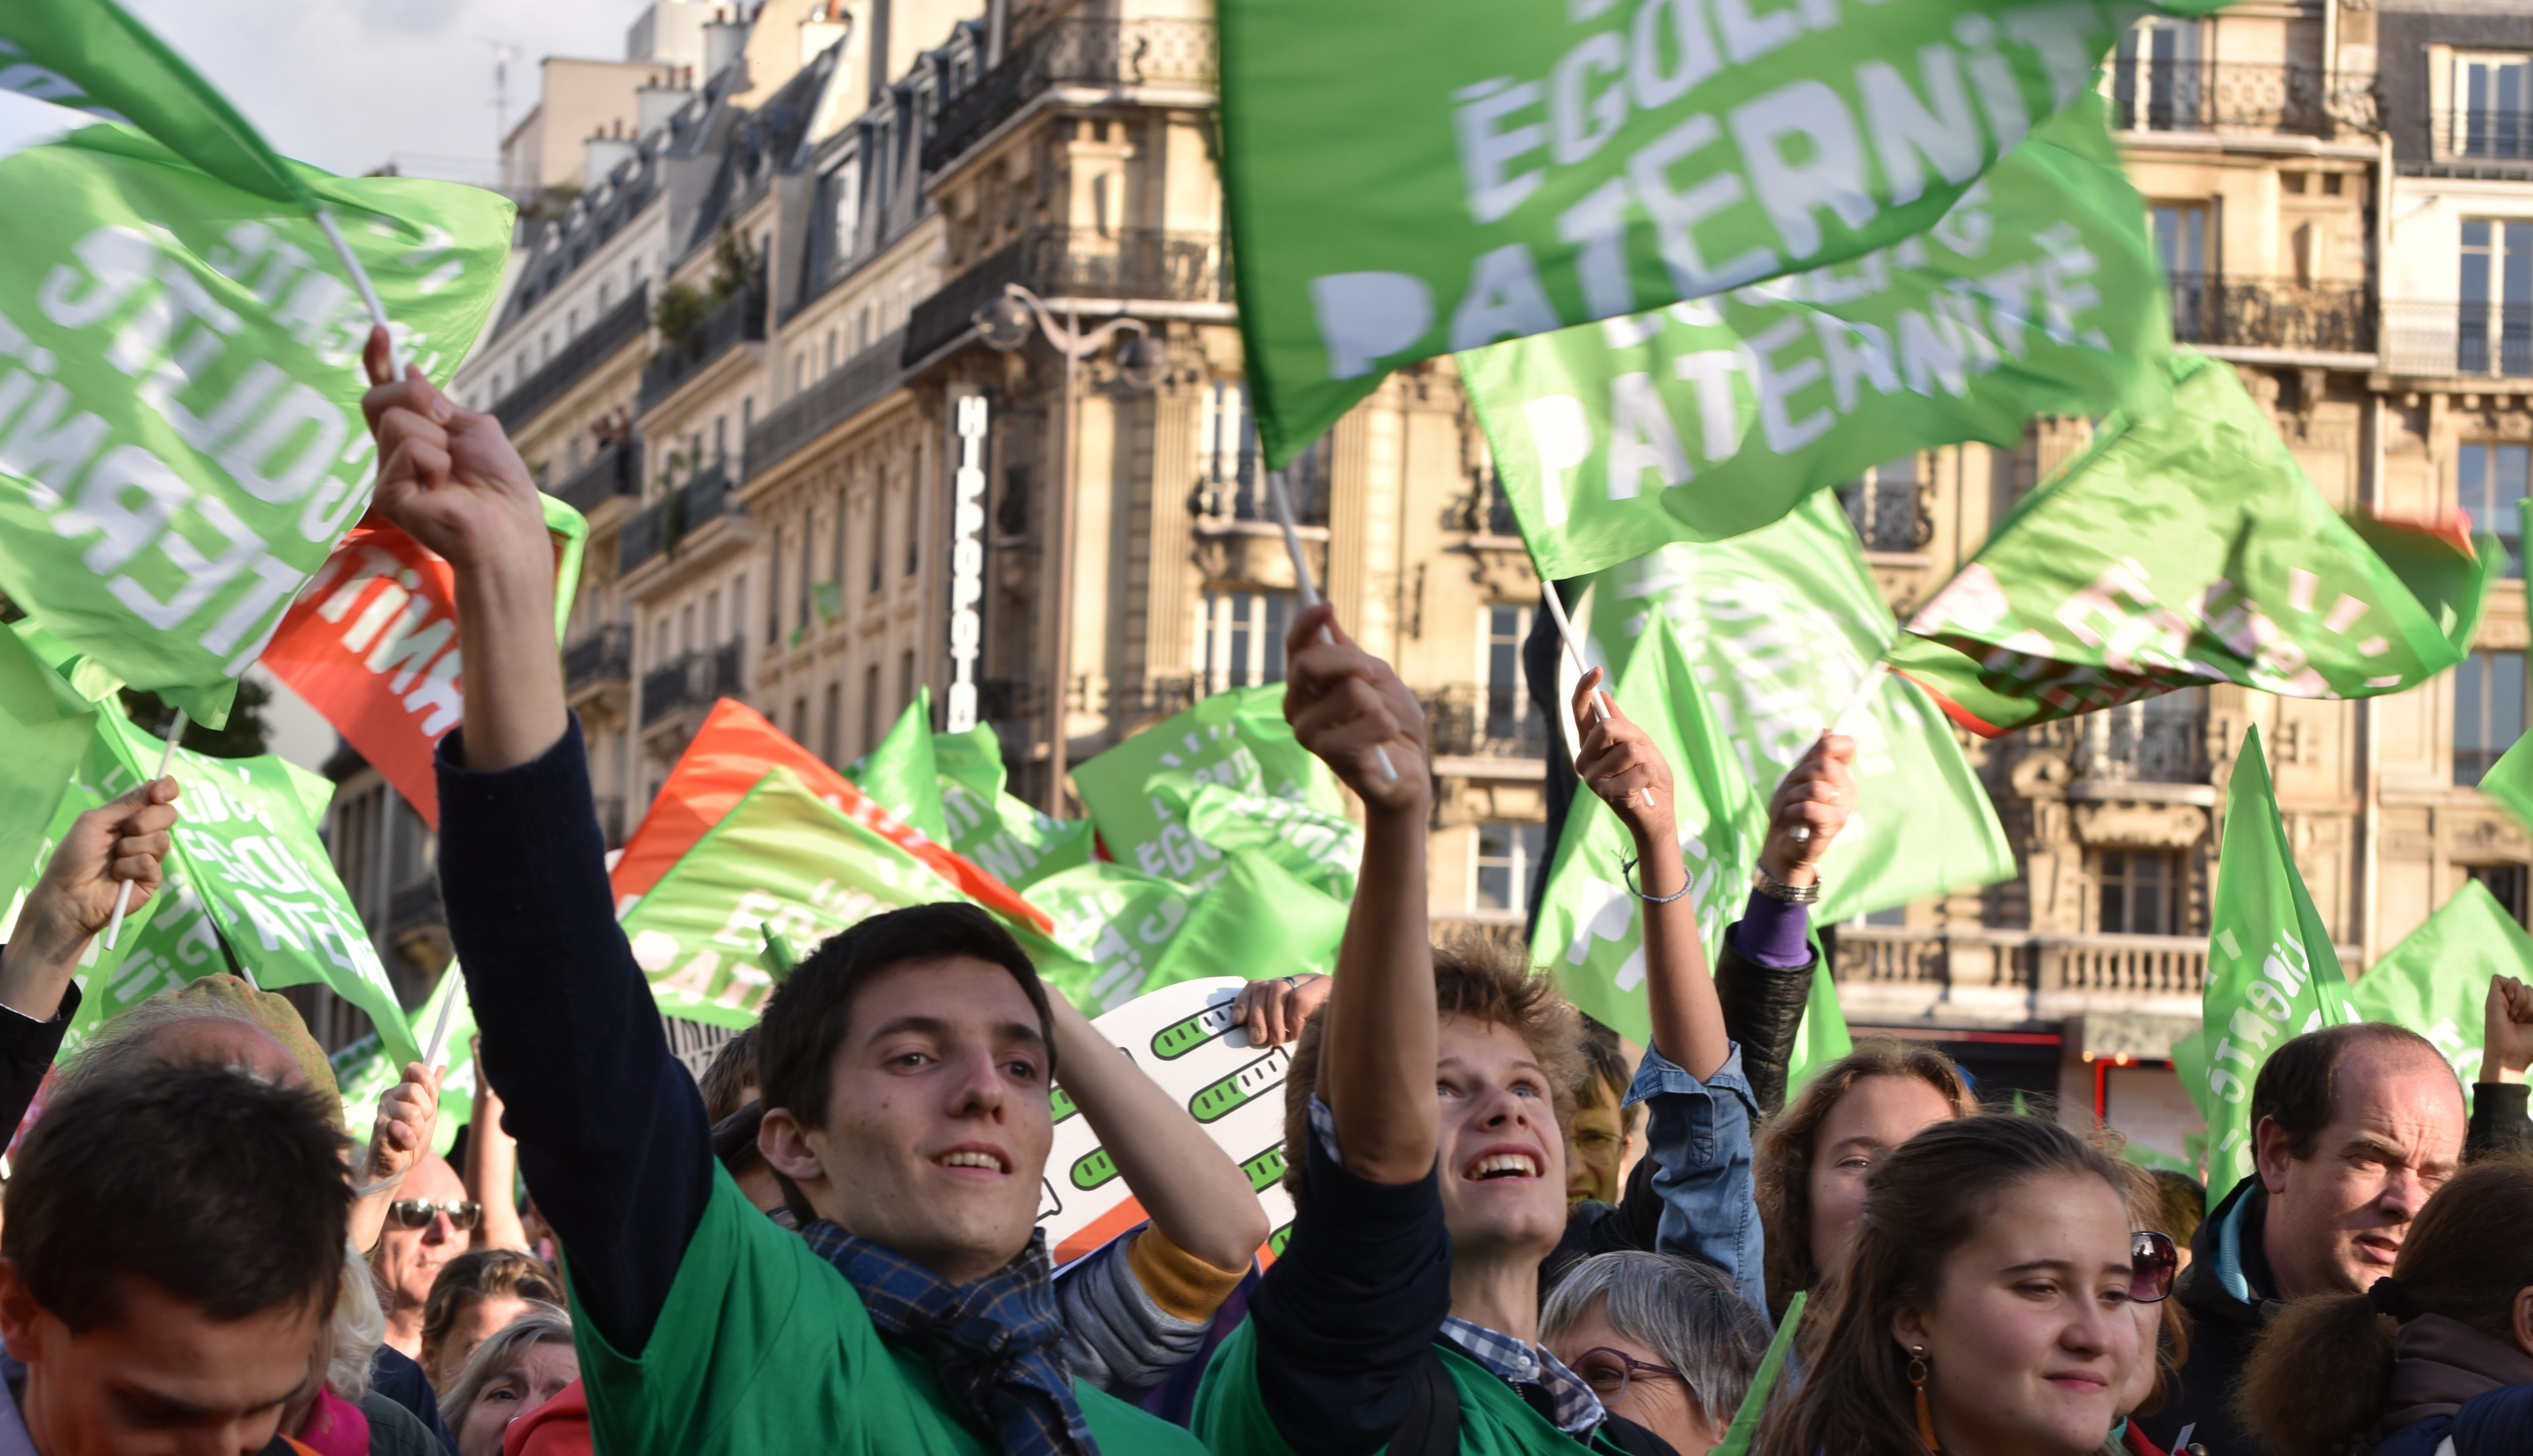 web2-marchons-enfants-1-bioethique-manifestation-salefran-e1570443937774.jpg